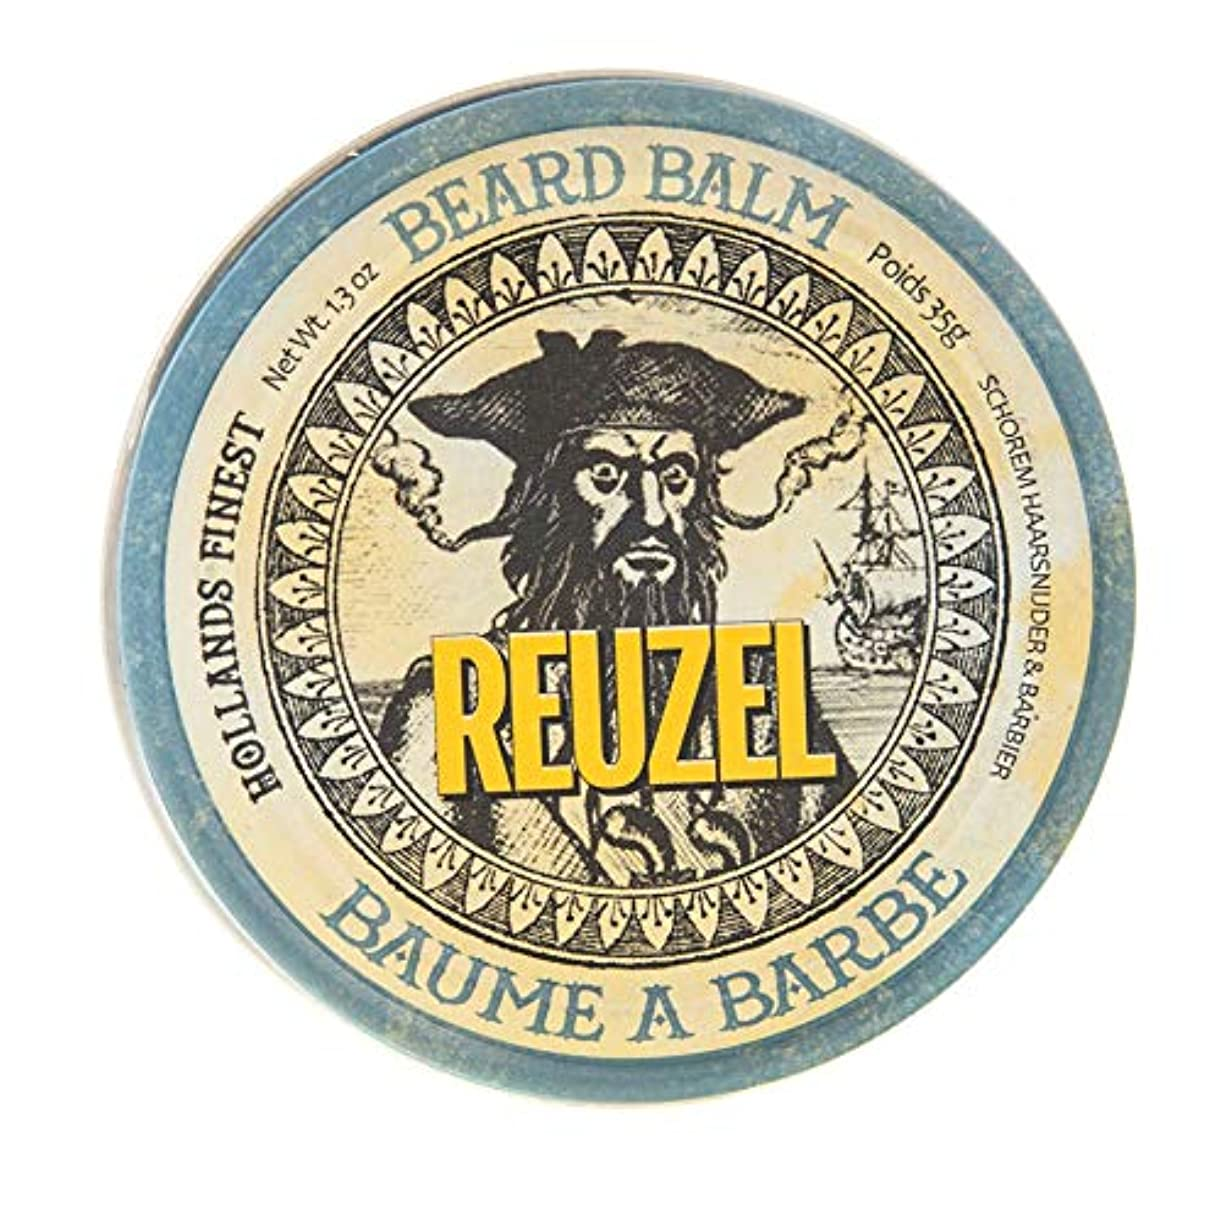 州しっとり下向きルーゾー ビアード バーム Reuzel Beard Balm 35 g [並行輸入品]